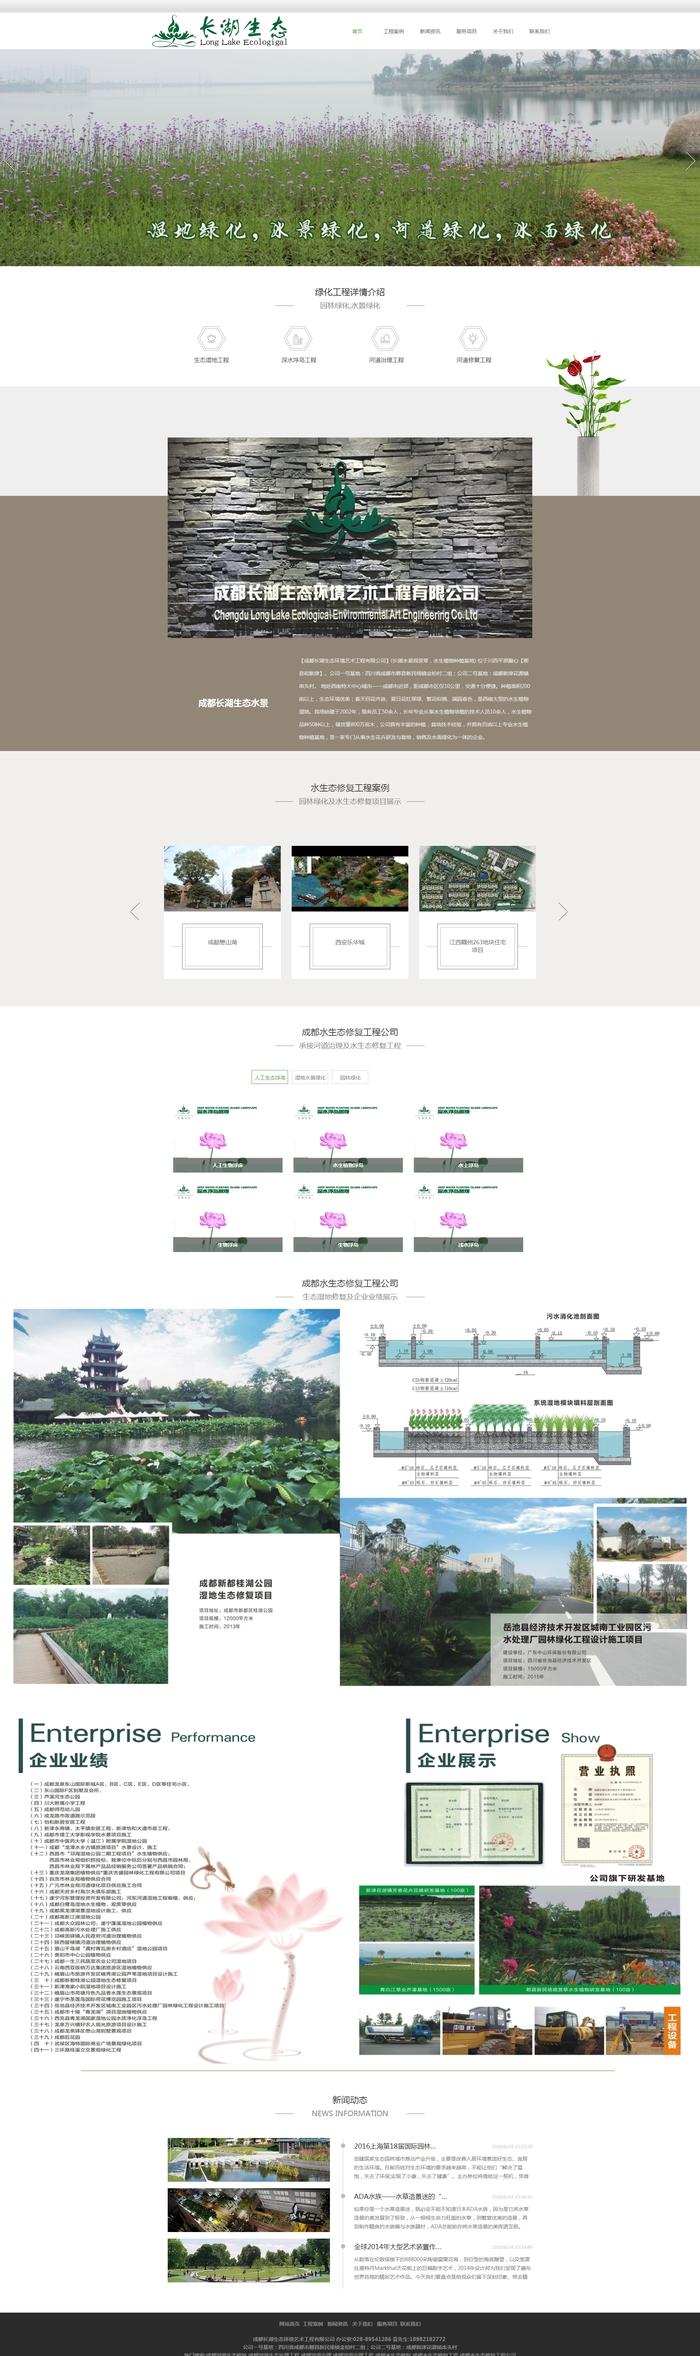 热烈祝贺成都河道生态修复,成都河道生态治理工程,成都河道治理,成都河道治理工程富海360营销网站上线